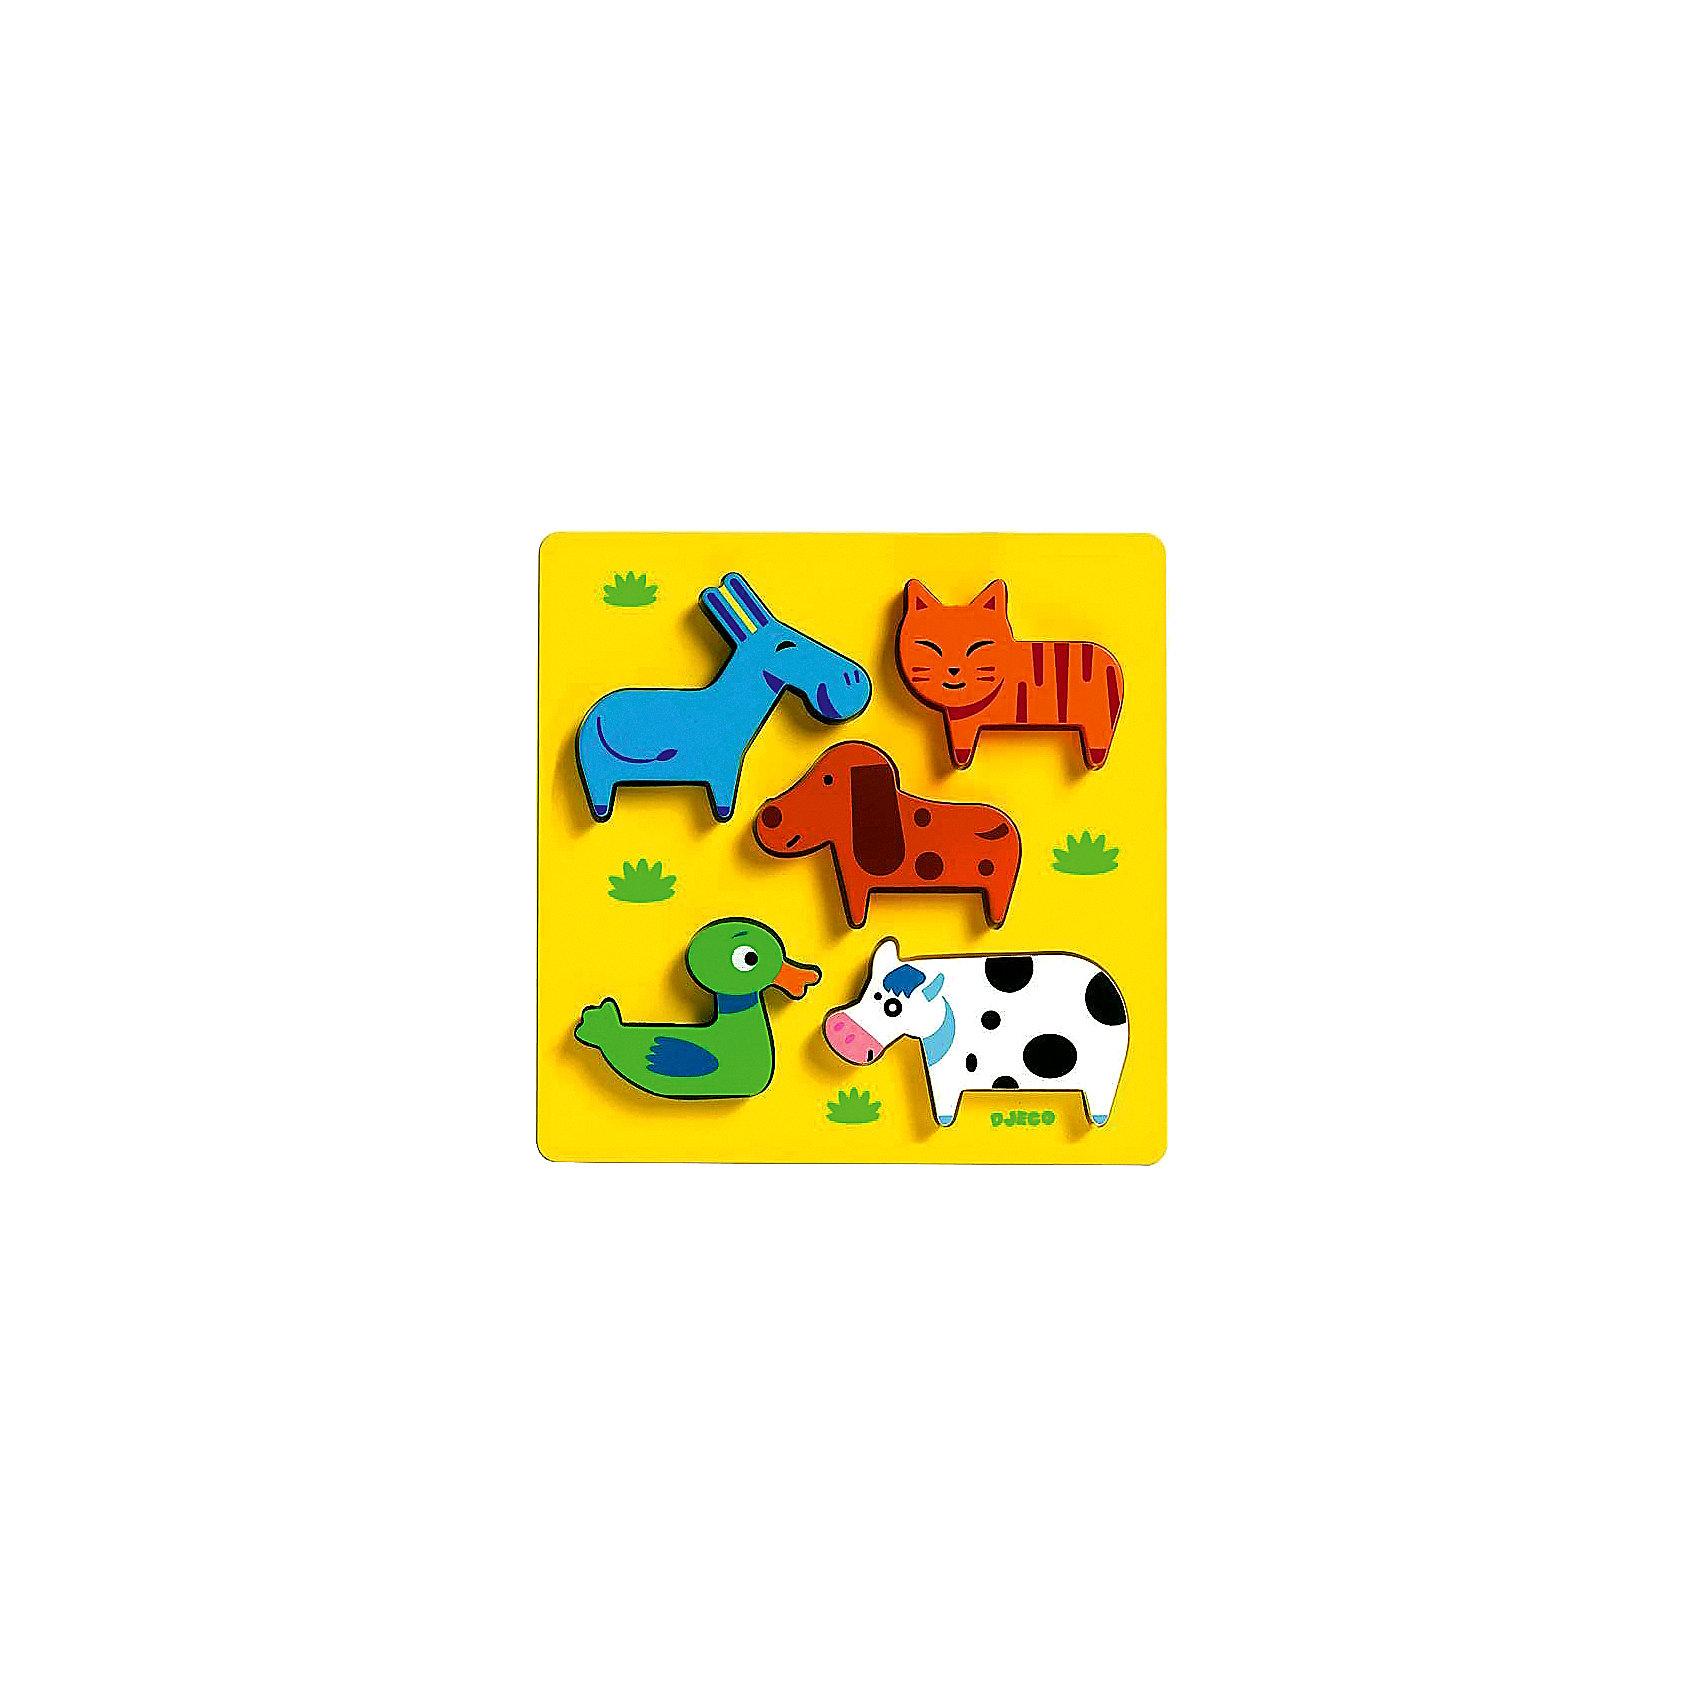 Сортировка-пазл Домашние животные, DJECOДеревянные пазлы<br>Рамка-вкладыш  «Домашние животные» - первый пазл для вашего малыша.  Яркая деревянная рамка-вкладыш обязательно привлечет внимание ребенка и поможет развить мелкую моторику, цветовосприятие и воображение.  Кроме того, яркий пазл знакомит кроху с миром животных:  малыш узнает, как выглядит утка, корова, кот, собака и осел. Привлекательные фигурки приятны на ощупь, их интересно держать в руках и размещать на дощечке. Игрушка выполнена из высококачественных материалов, не имеет острых углов и мелких деталей, безопасна даже для маленьких детей. <br><br>Дополнительная информация:<br><br>- Материал: дерево. <br>- Размер: 21х21х2,2 см.<br><br>Сортировку-пазл Домашние животные, DJECO (Джеко), можно купить в машем магазине.<br><br>Ширина мм: 210<br>Глубина мм: 210<br>Высота мм: 22<br>Вес г: 250<br>Возраст от месяцев: 12<br>Возраст до месяцев: 48<br>Пол: Унисекс<br>Возраст: Детский<br>SKU: 4051880